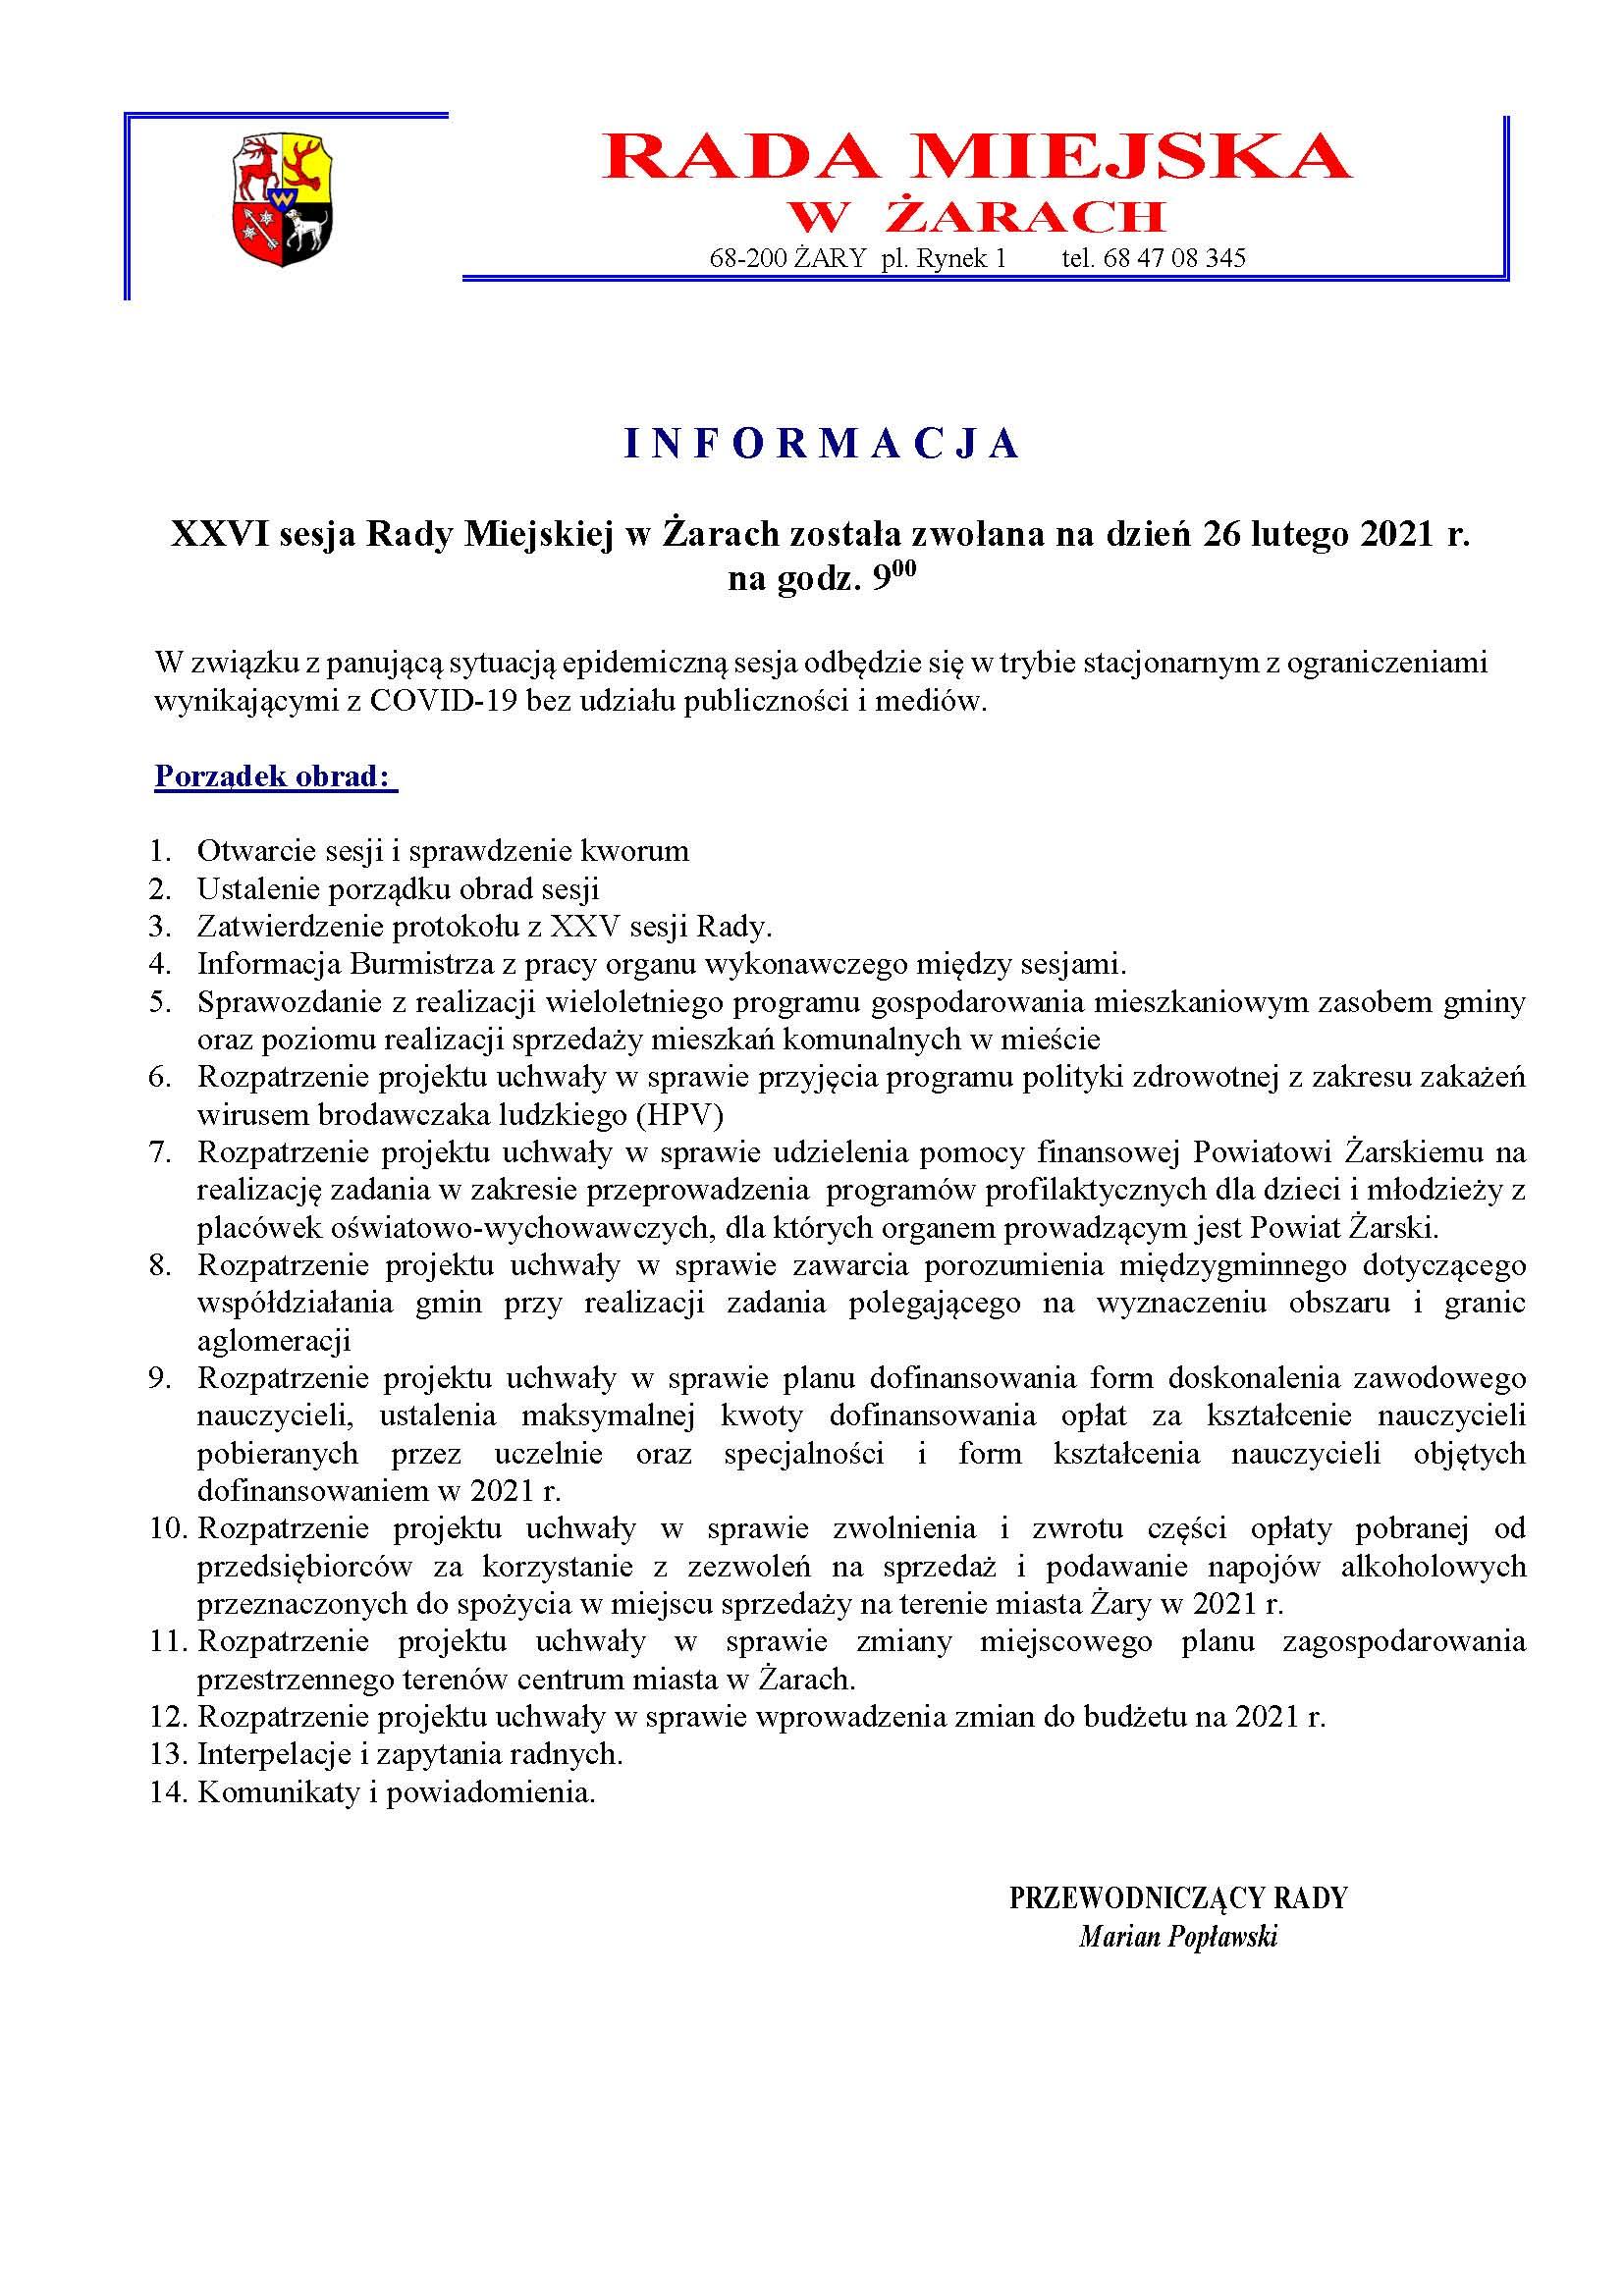 Ilustracja do informacji: XXVI sesja Rady Miejskiej w Żarach